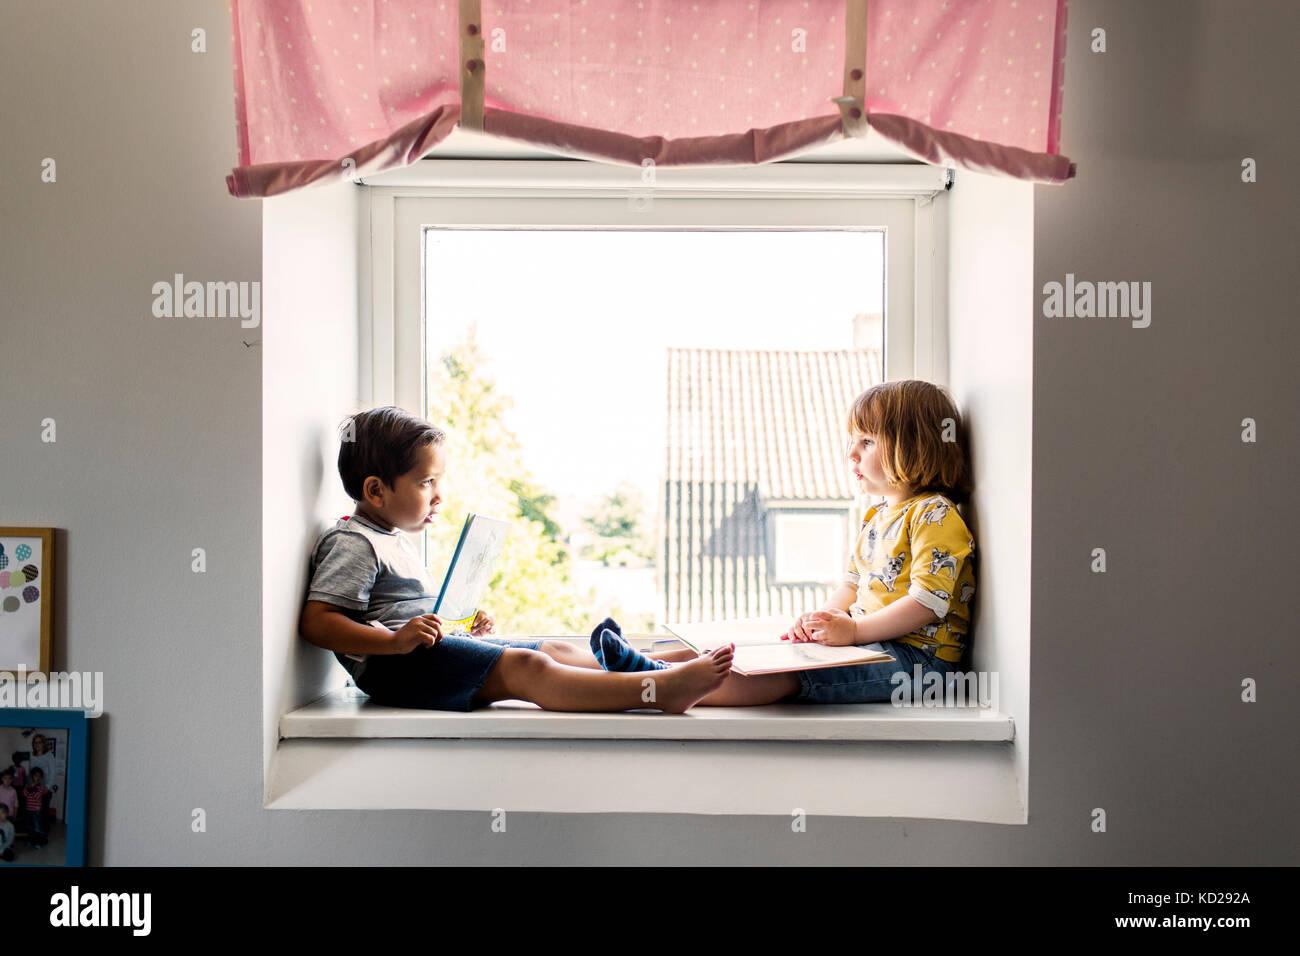 Niña y Niño (2-3), sentarse y leer por la ventana Imagen De Stock